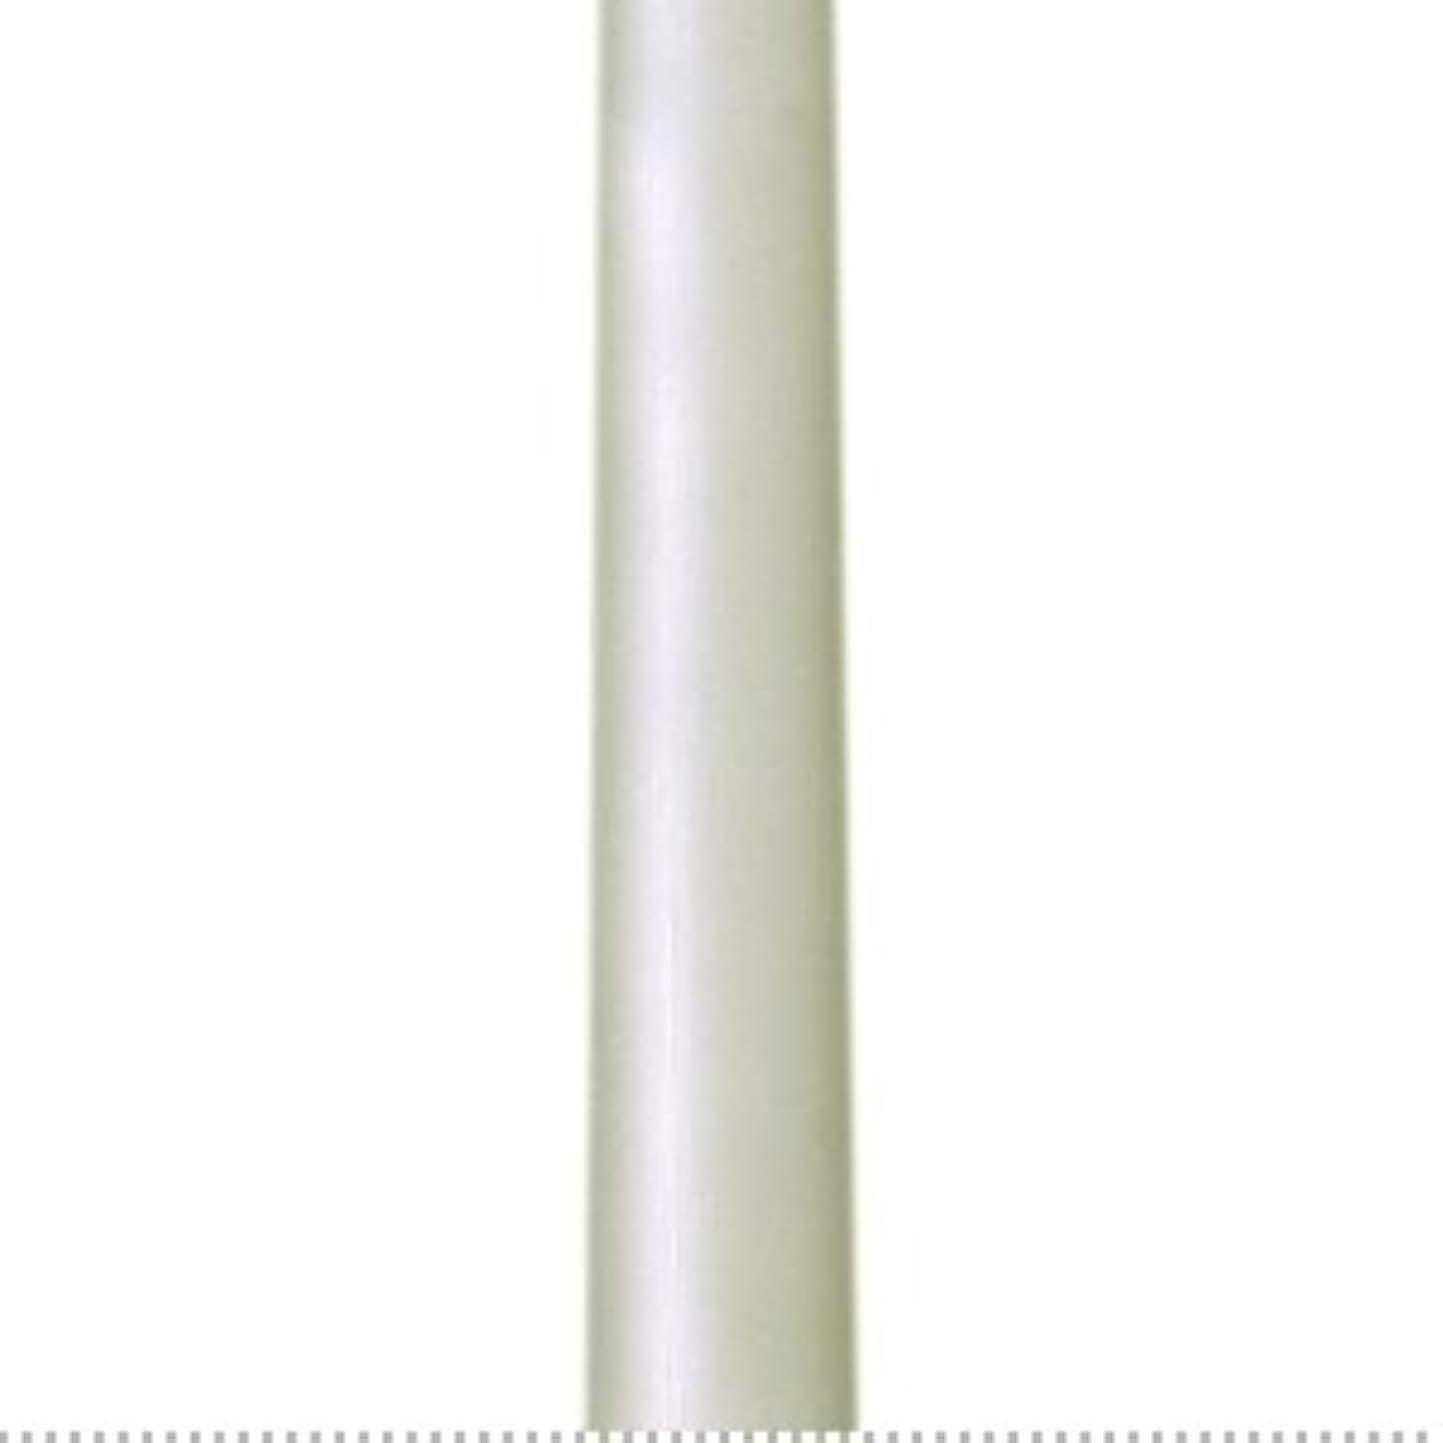 すずめ体系的にパドルテーパーキャンドル クラッシー ムエット 蝋燭